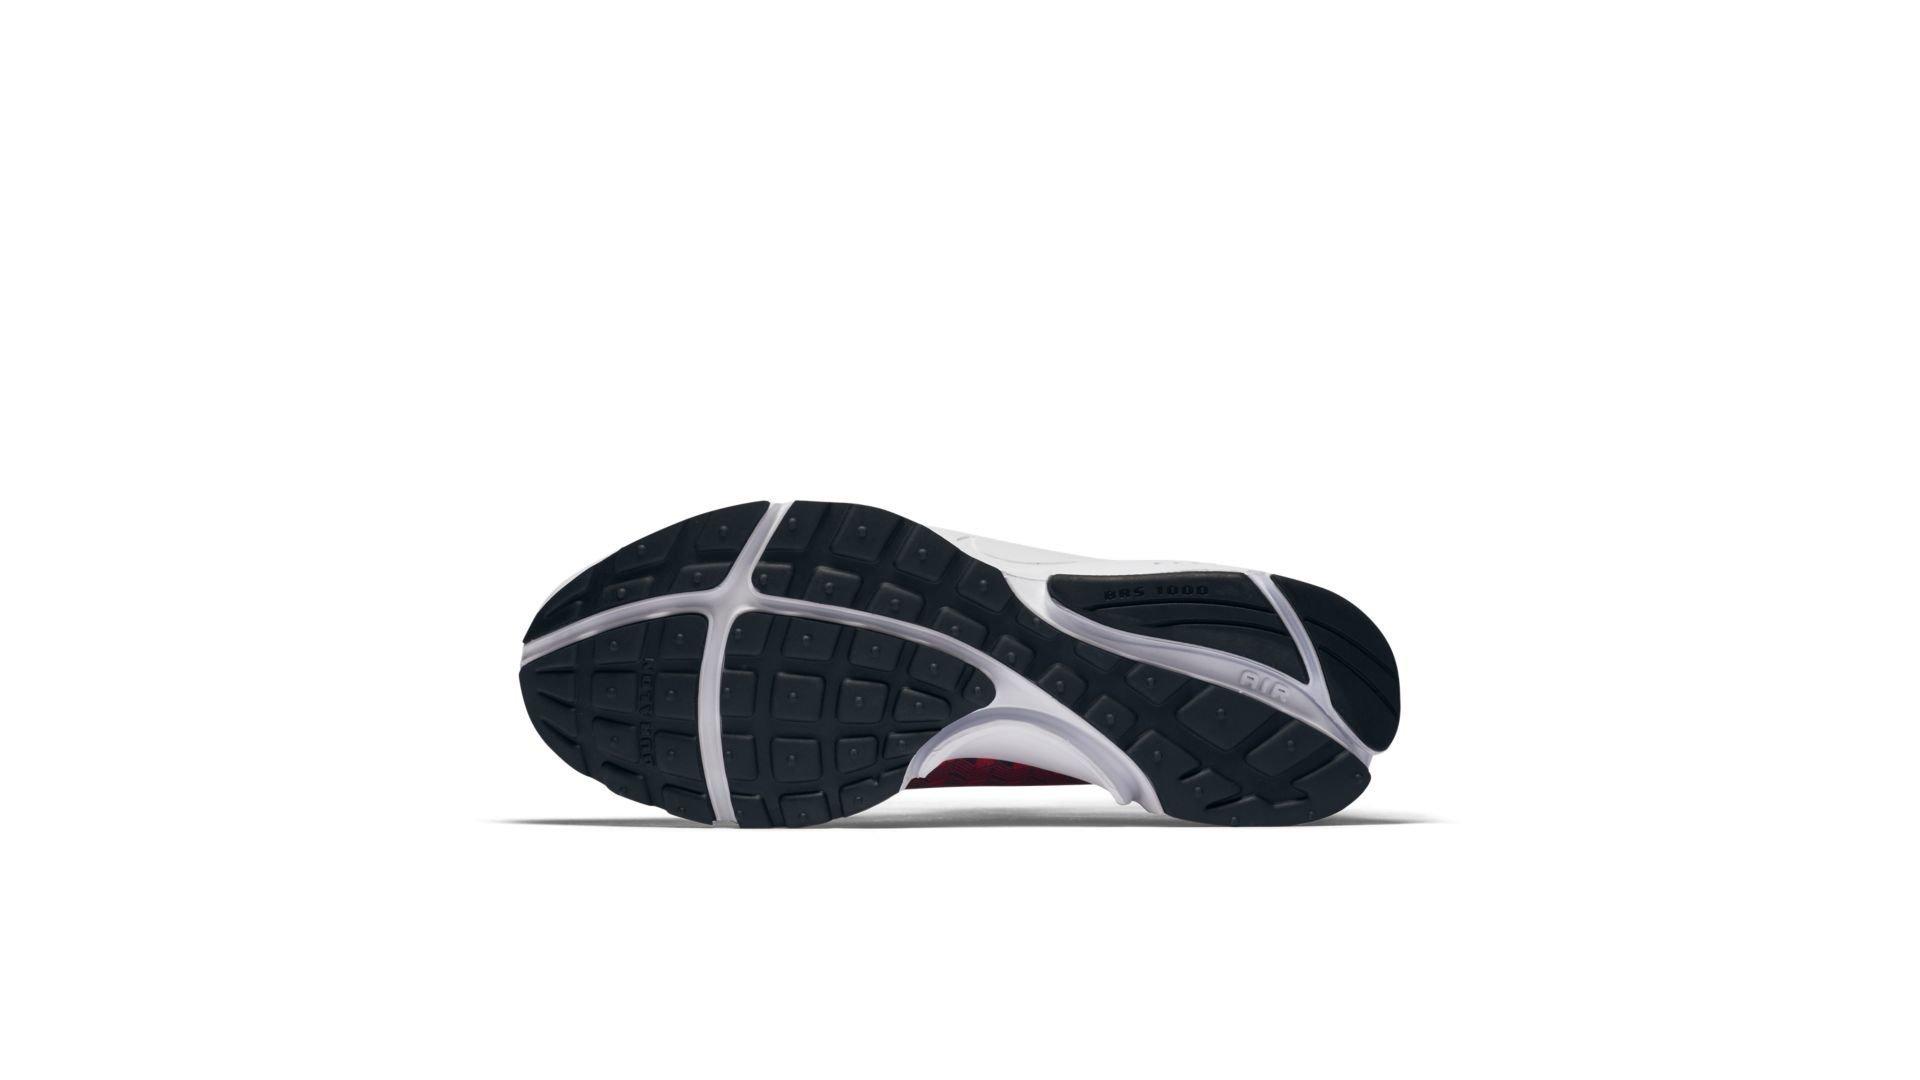 Nike Air Presto X Doernbecher Ethan (AJ8651-600)